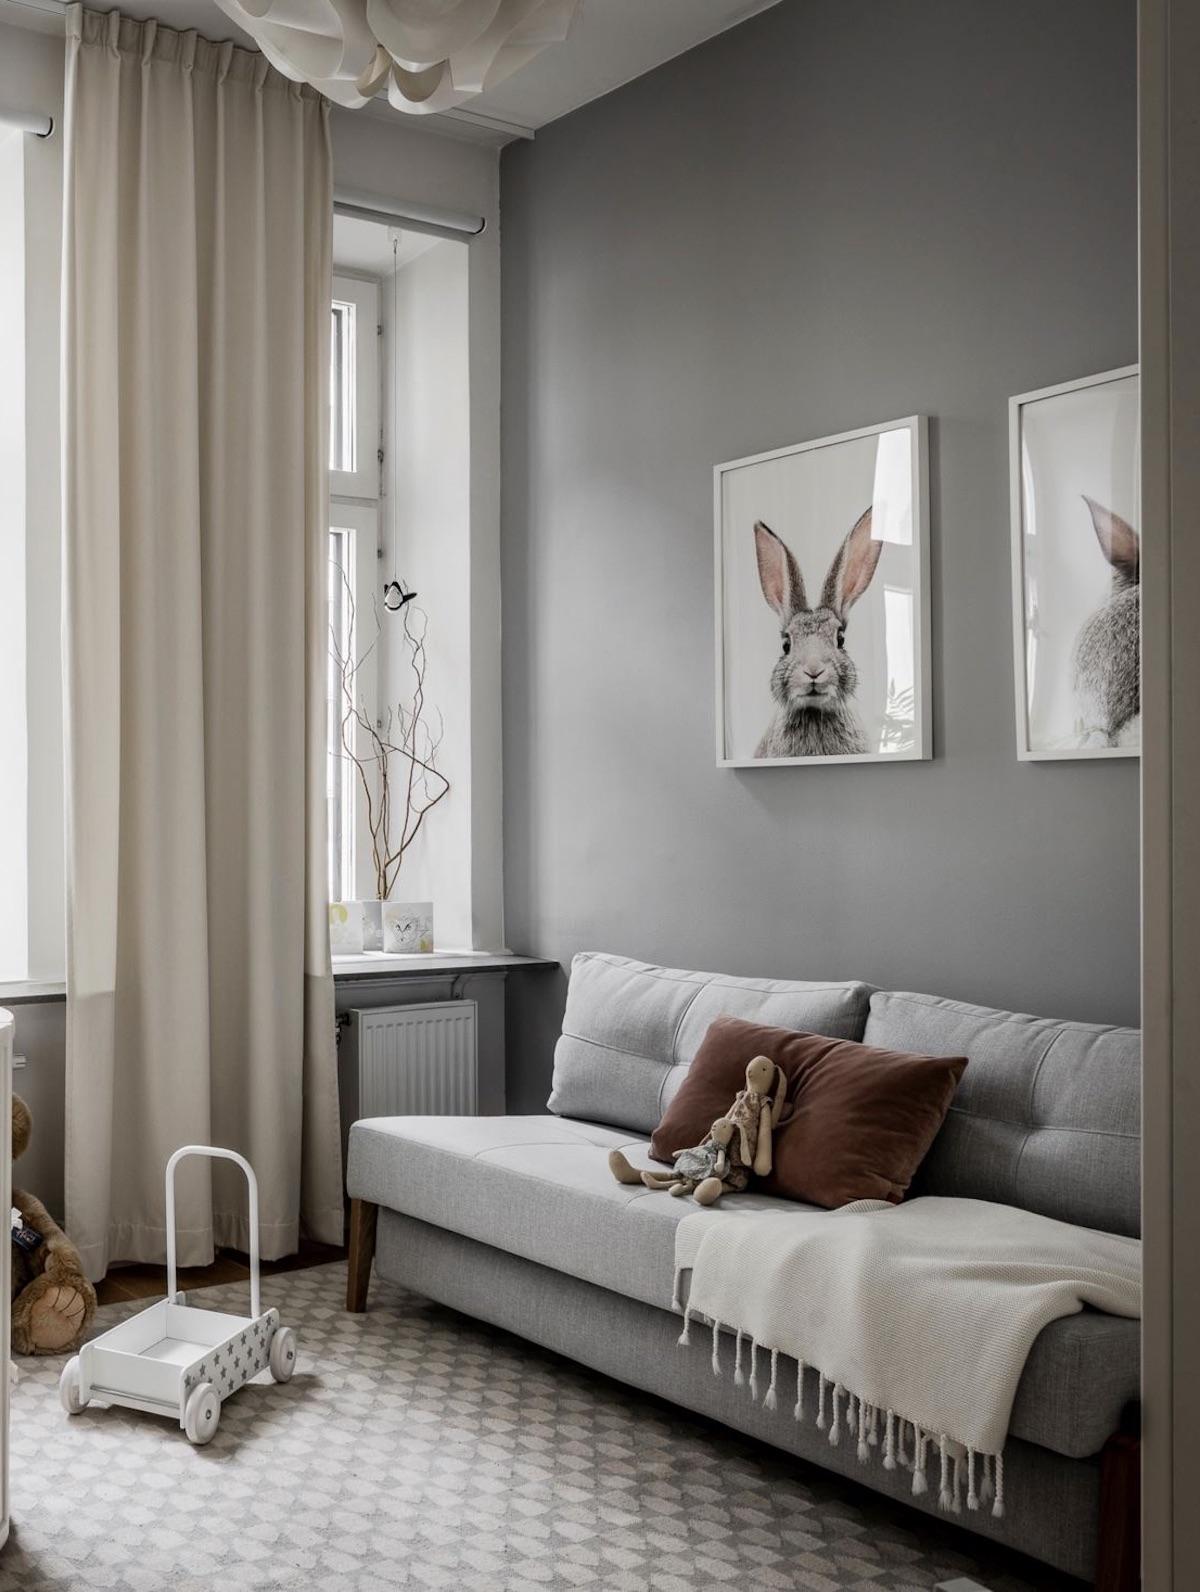 chambre bébé gris blanche décoration nordique canapé lit ami convertible